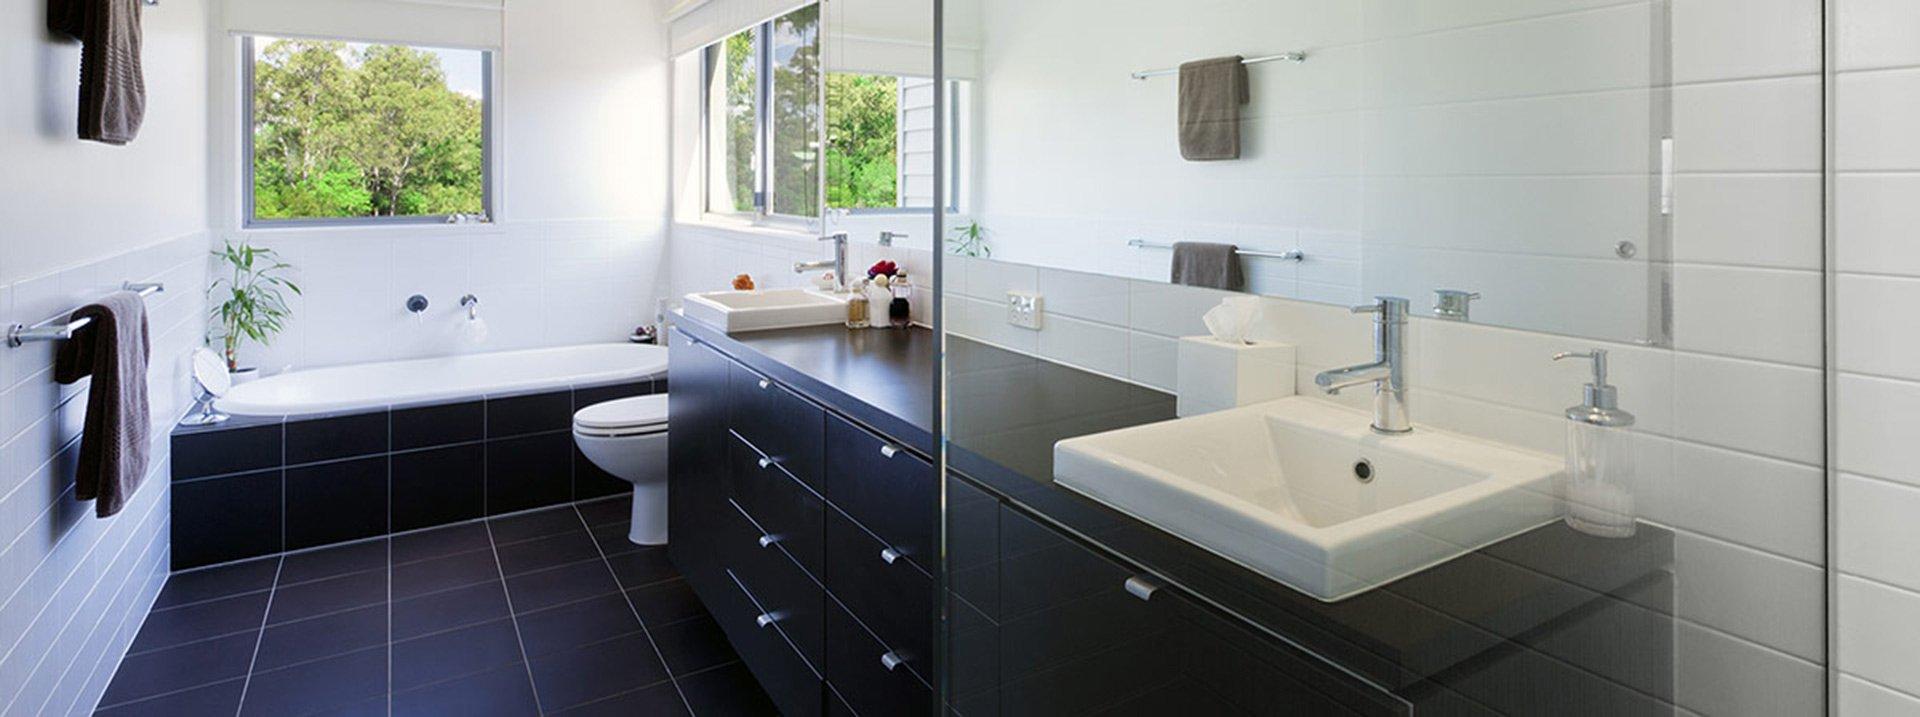 bathroom renovation contemporary bathroon